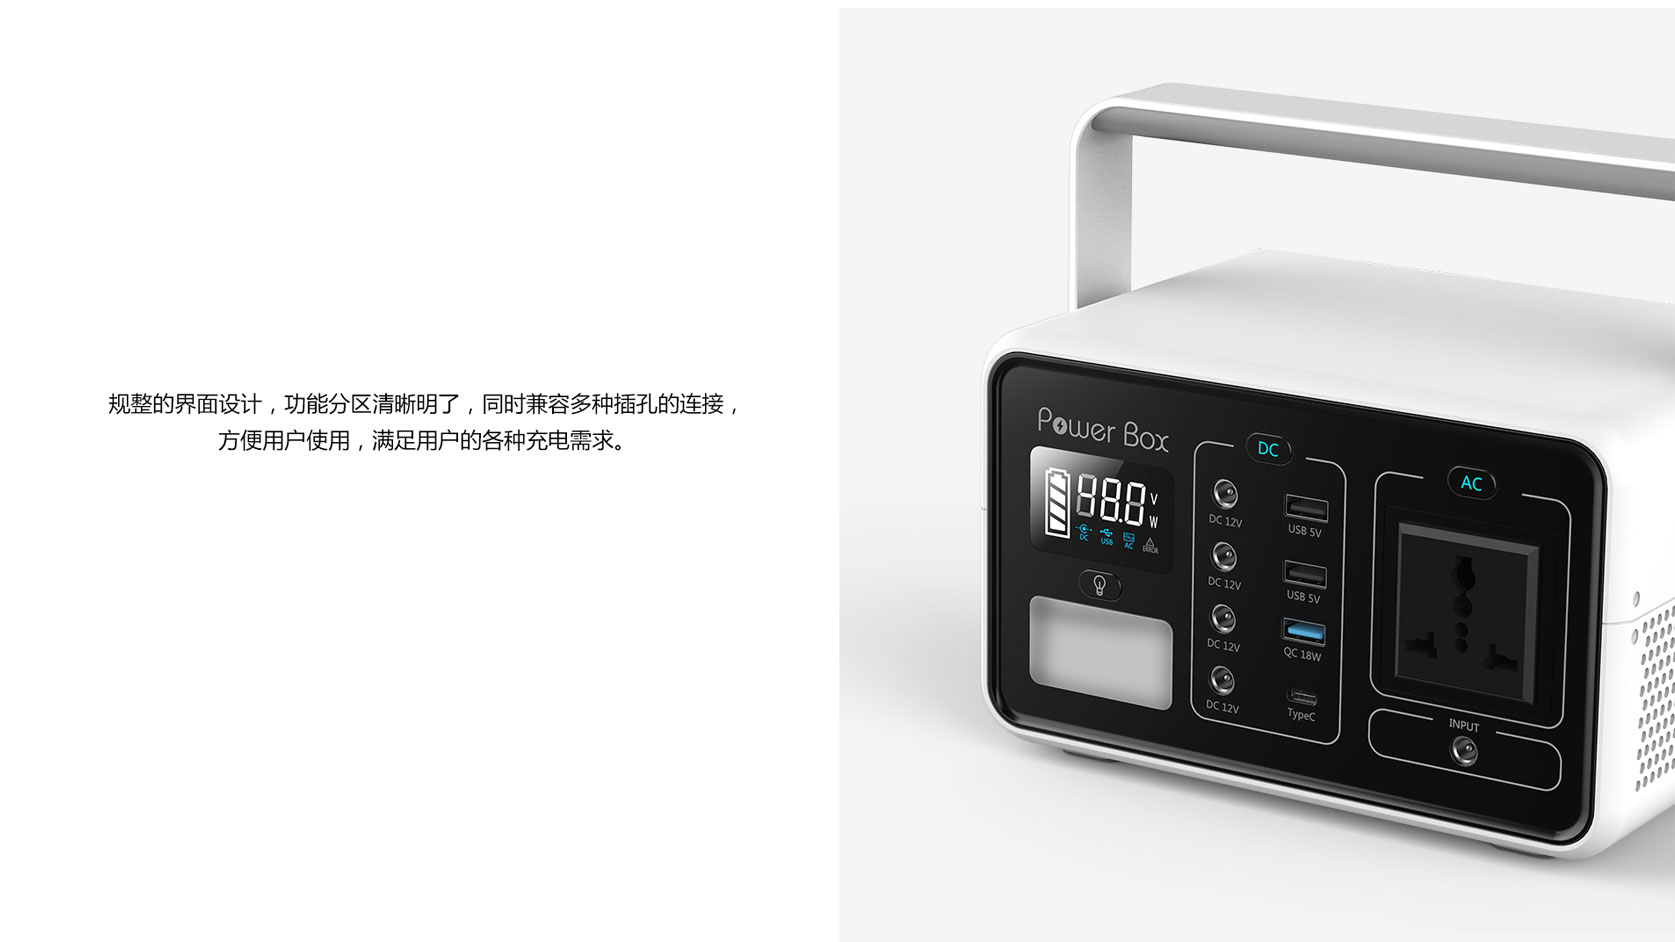 户外便携电源设计2.jpg